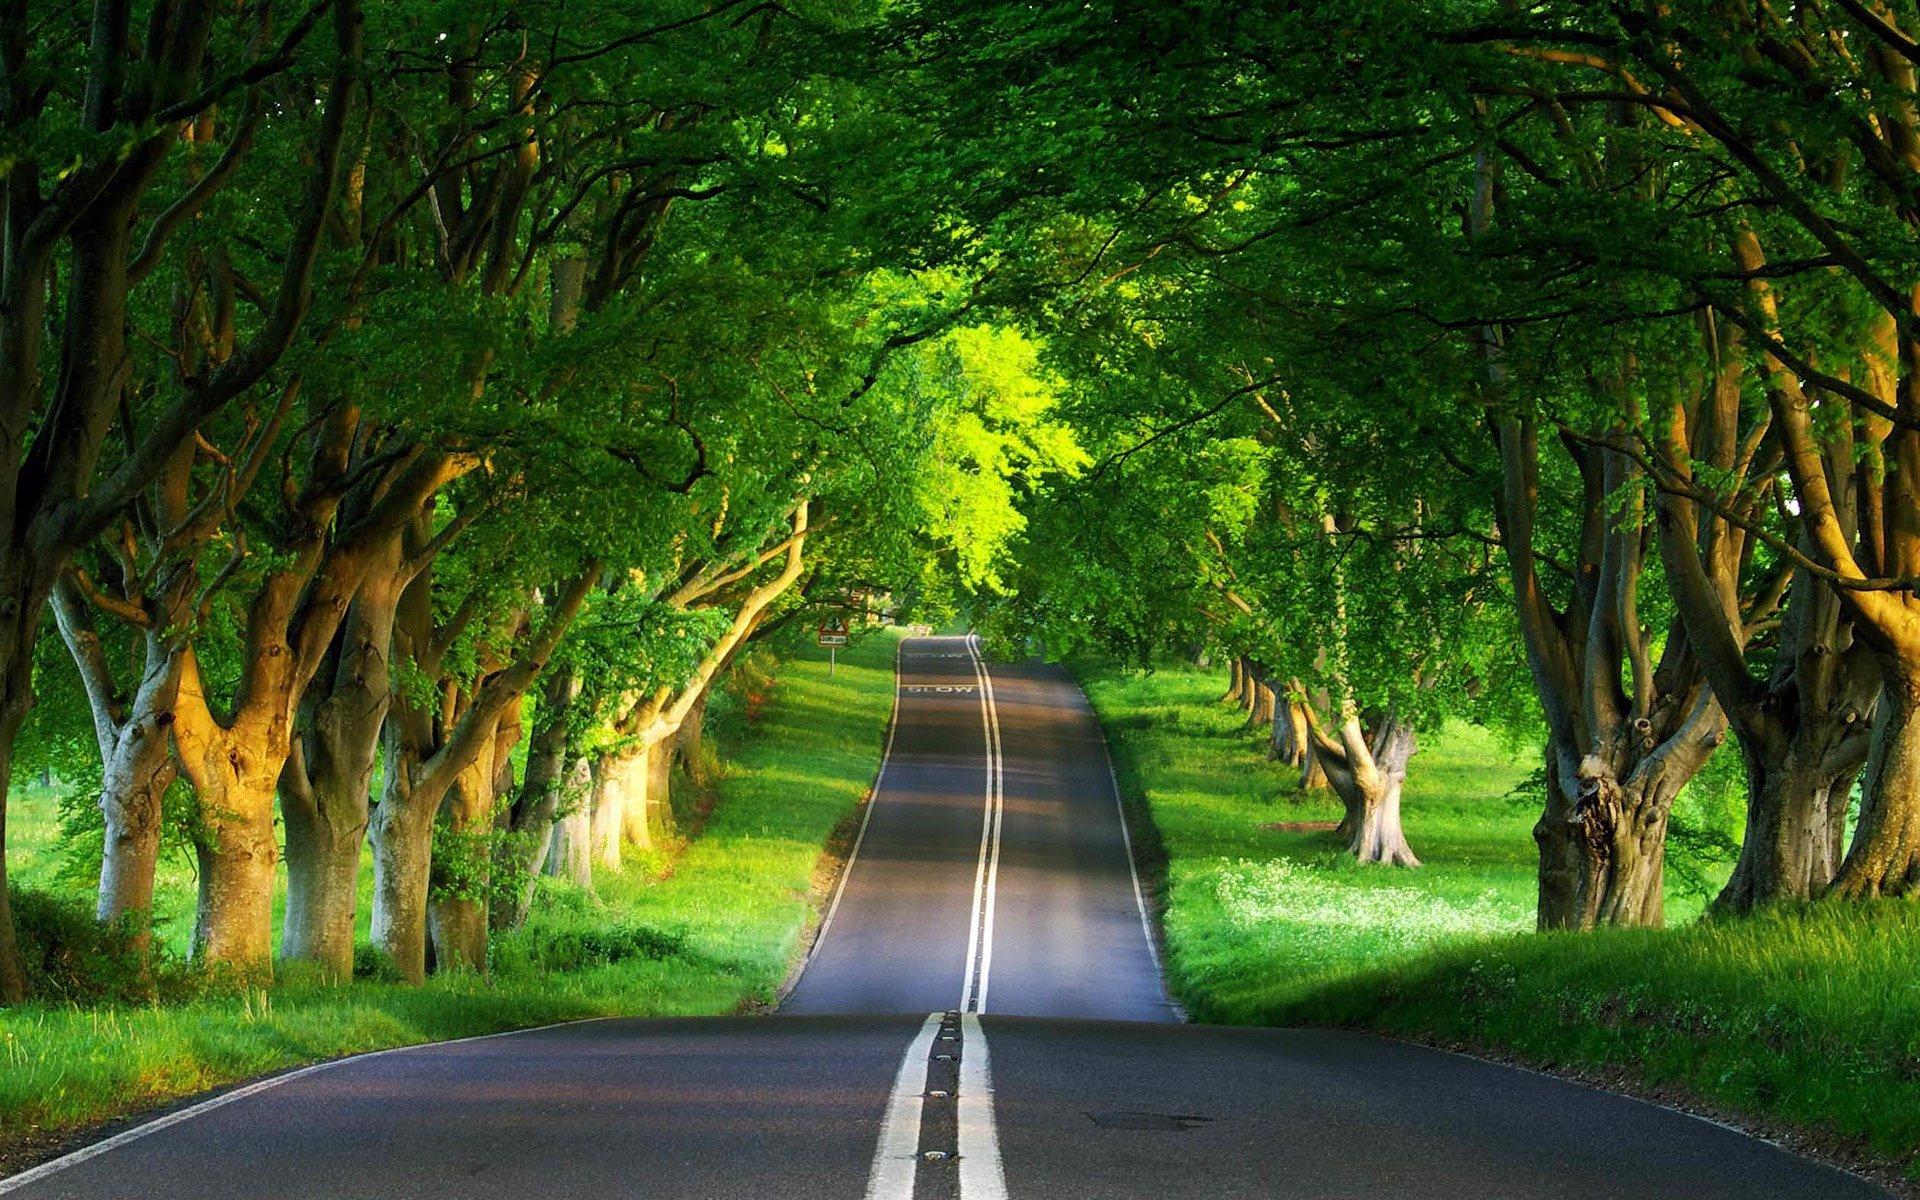 Green Nature Road Wallpaper